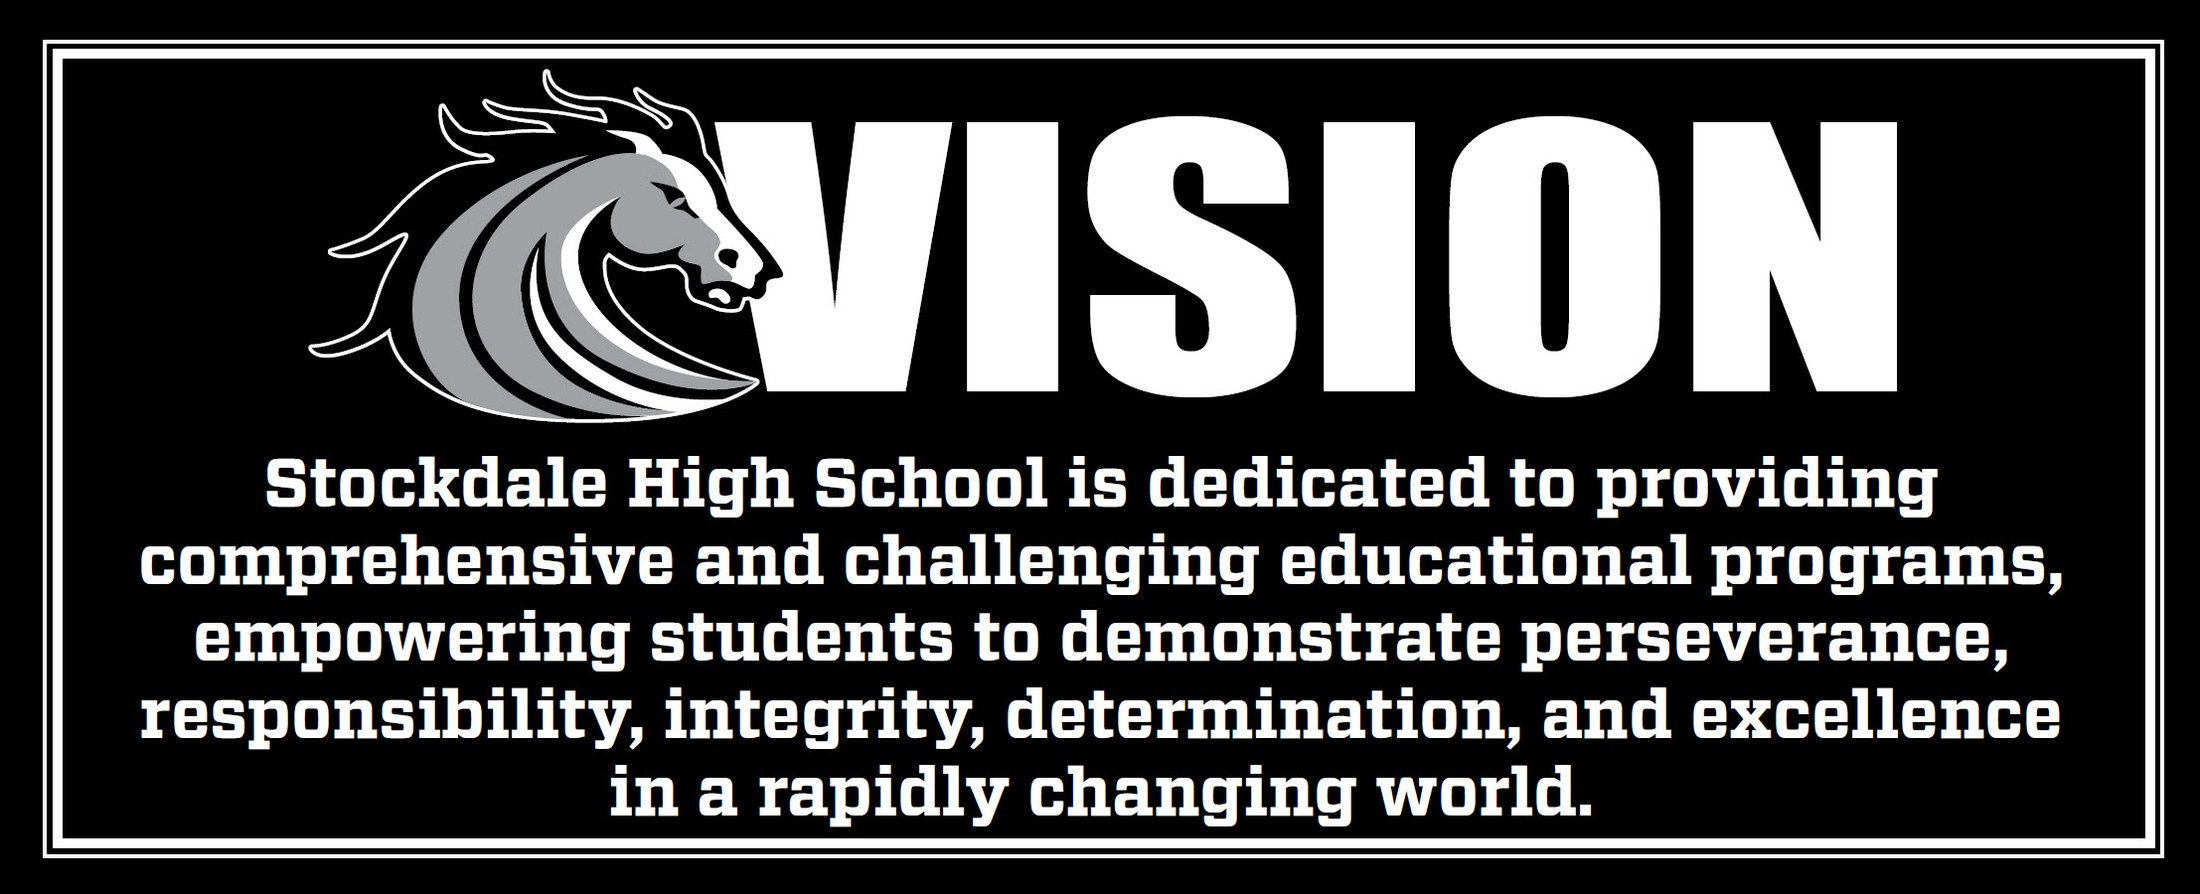 School Vision